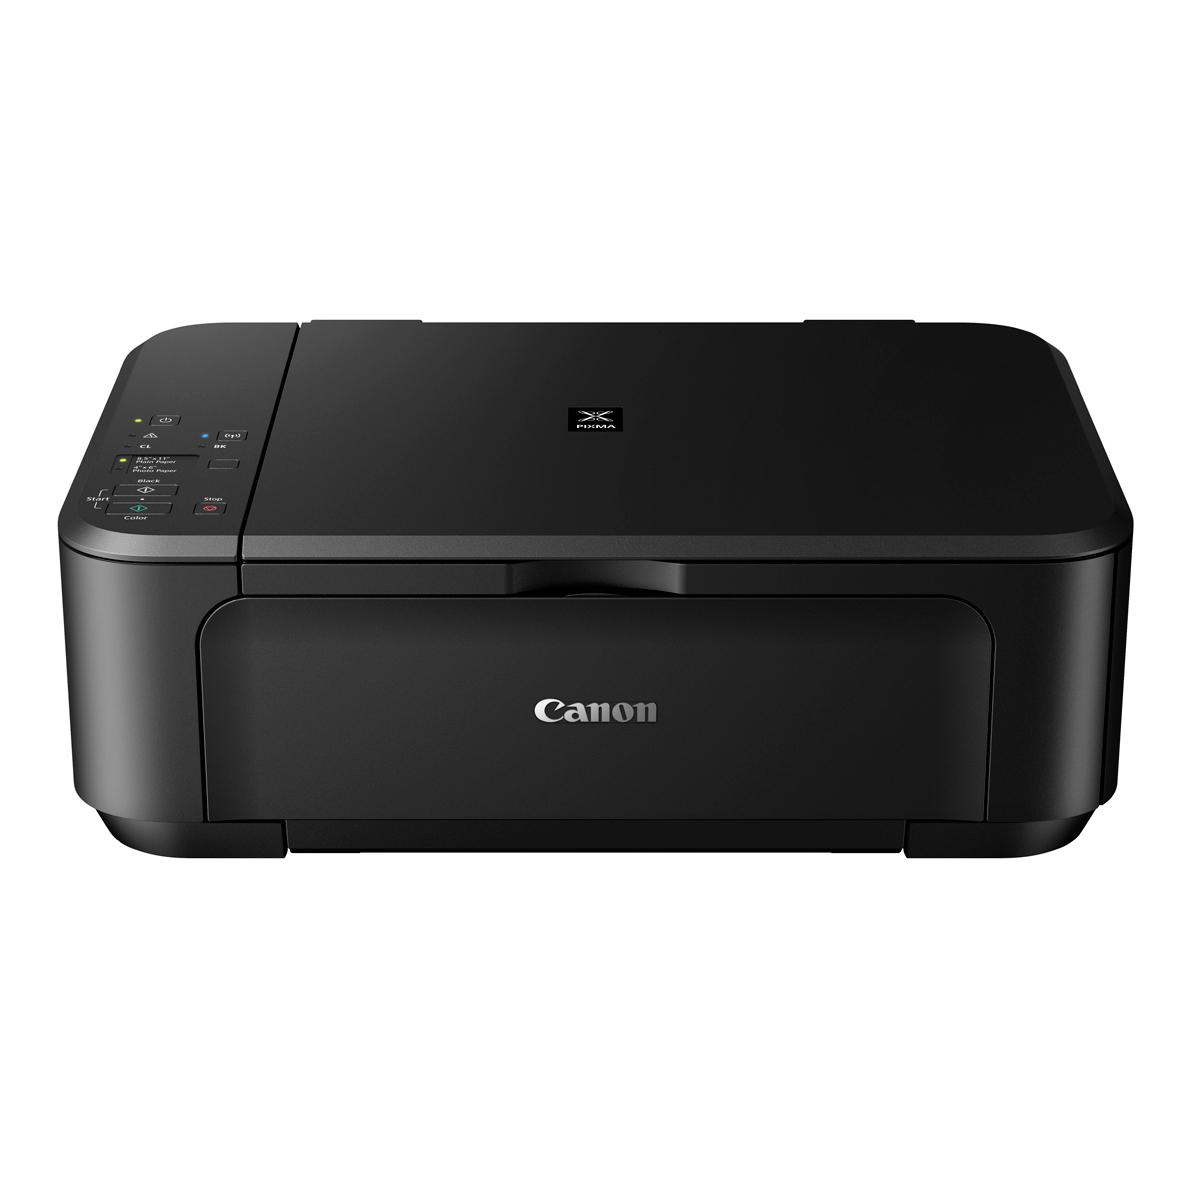 canon pixma mg3550 noire imprimante multifonction canon sur ldlc. Black Bedroom Furniture Sets. Home Design Ideas